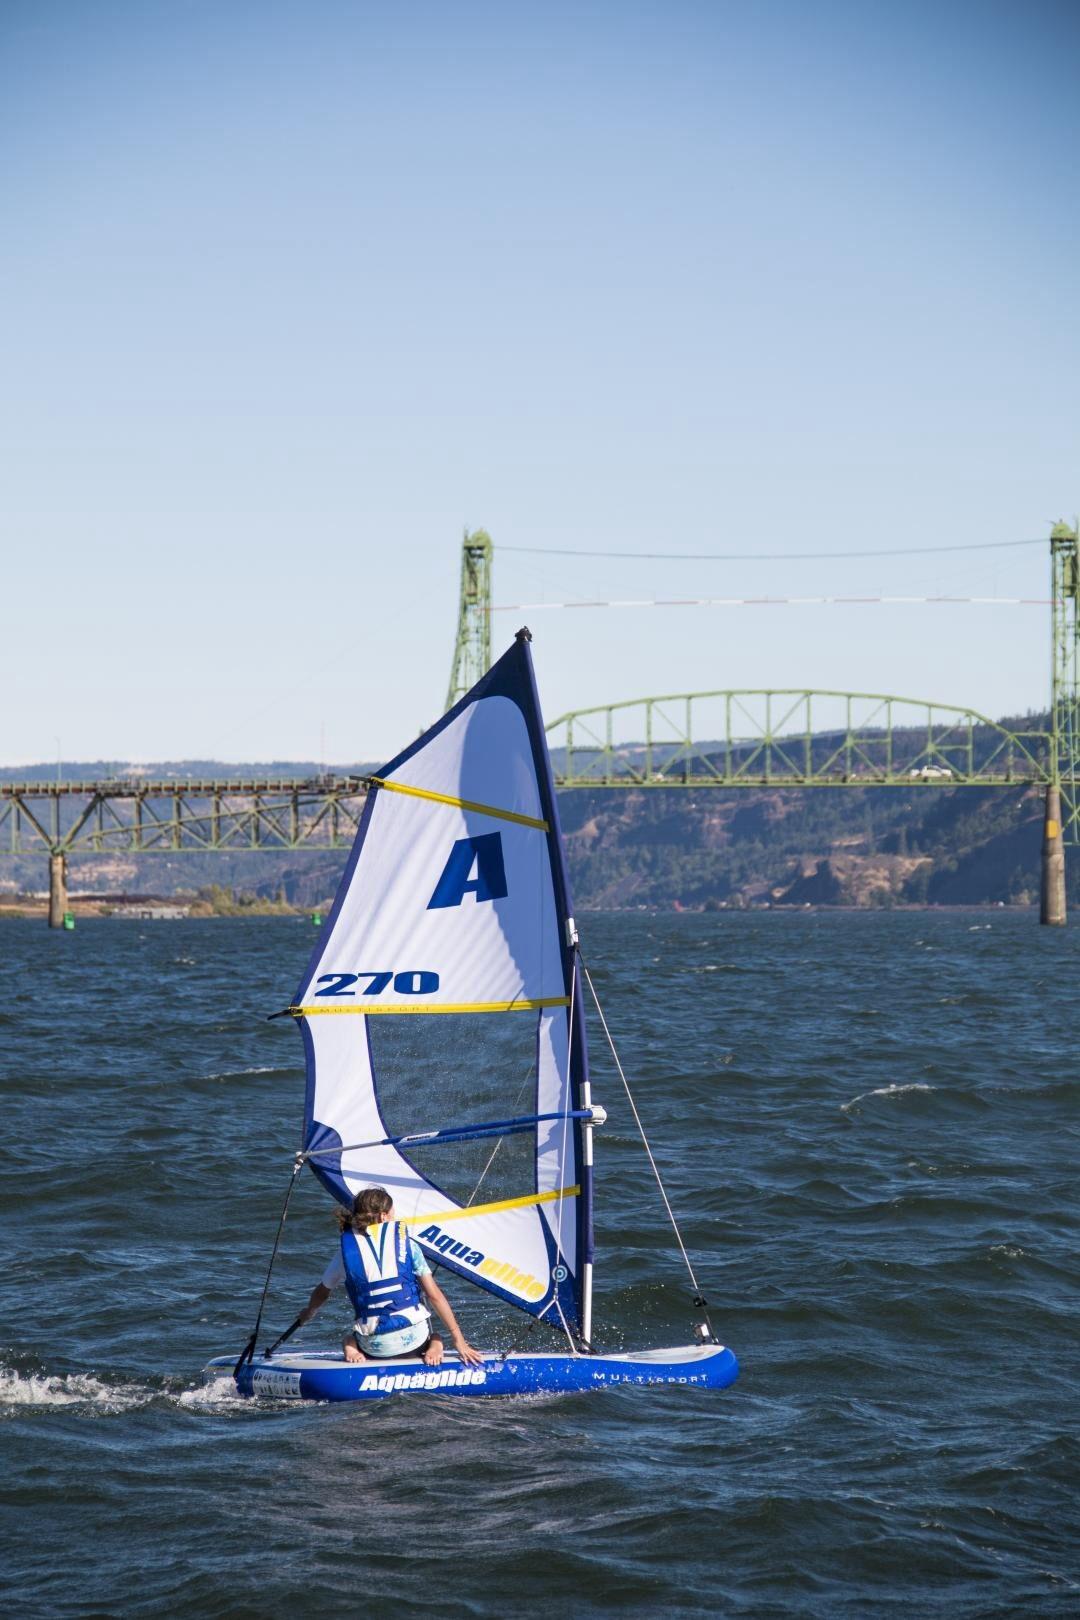 美国,帆船 美国aquaglide270便携式4合1充气帆船0.8万成交 image.jpg